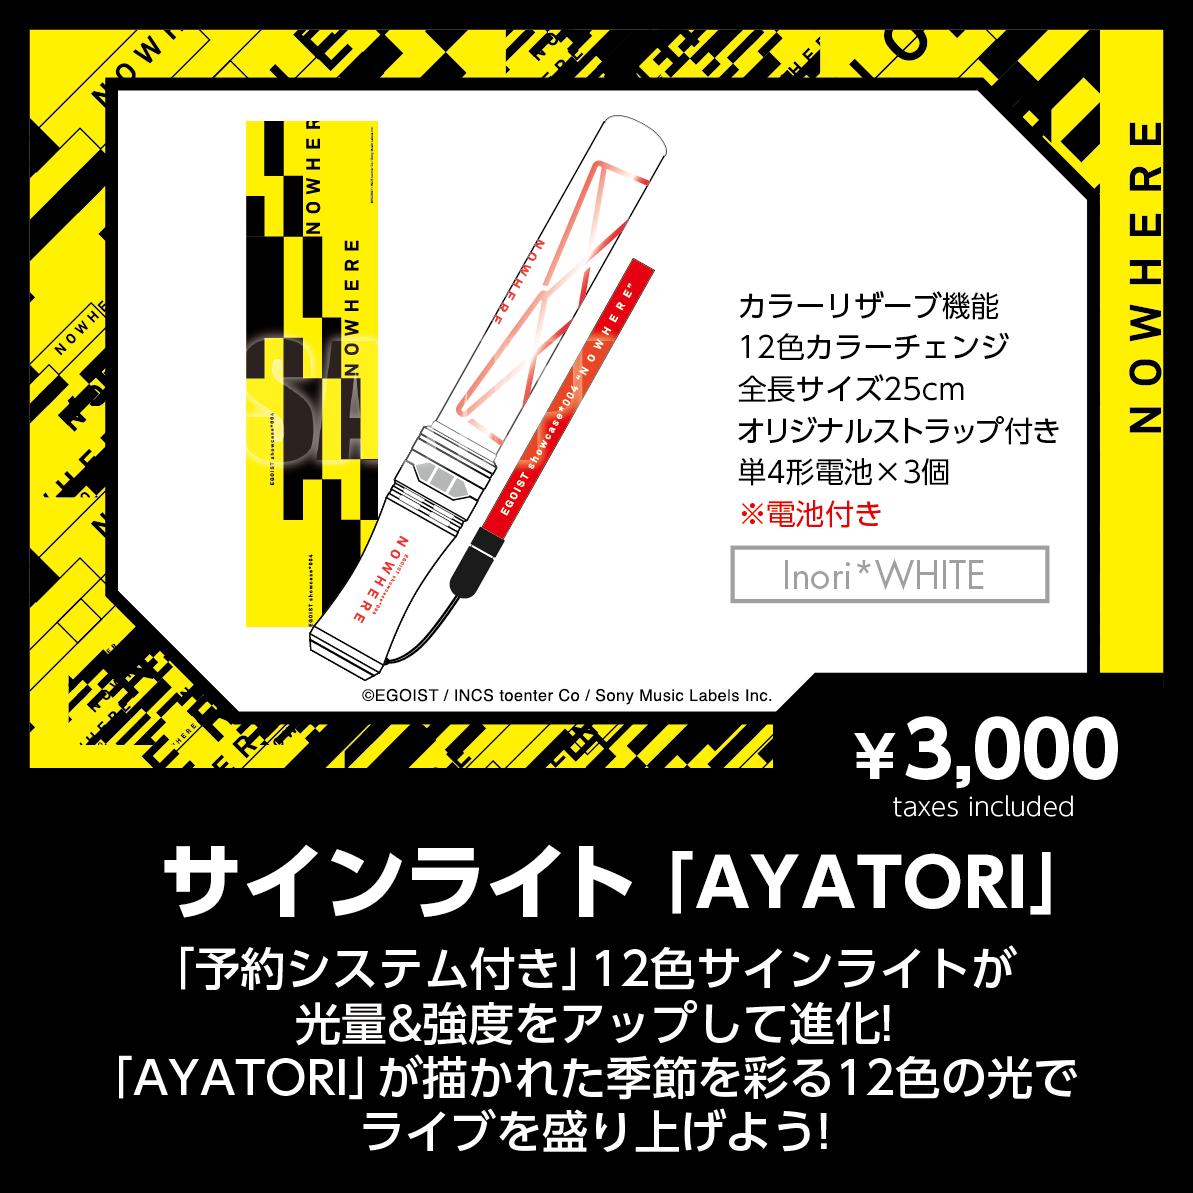 サインライト「AYATORI」